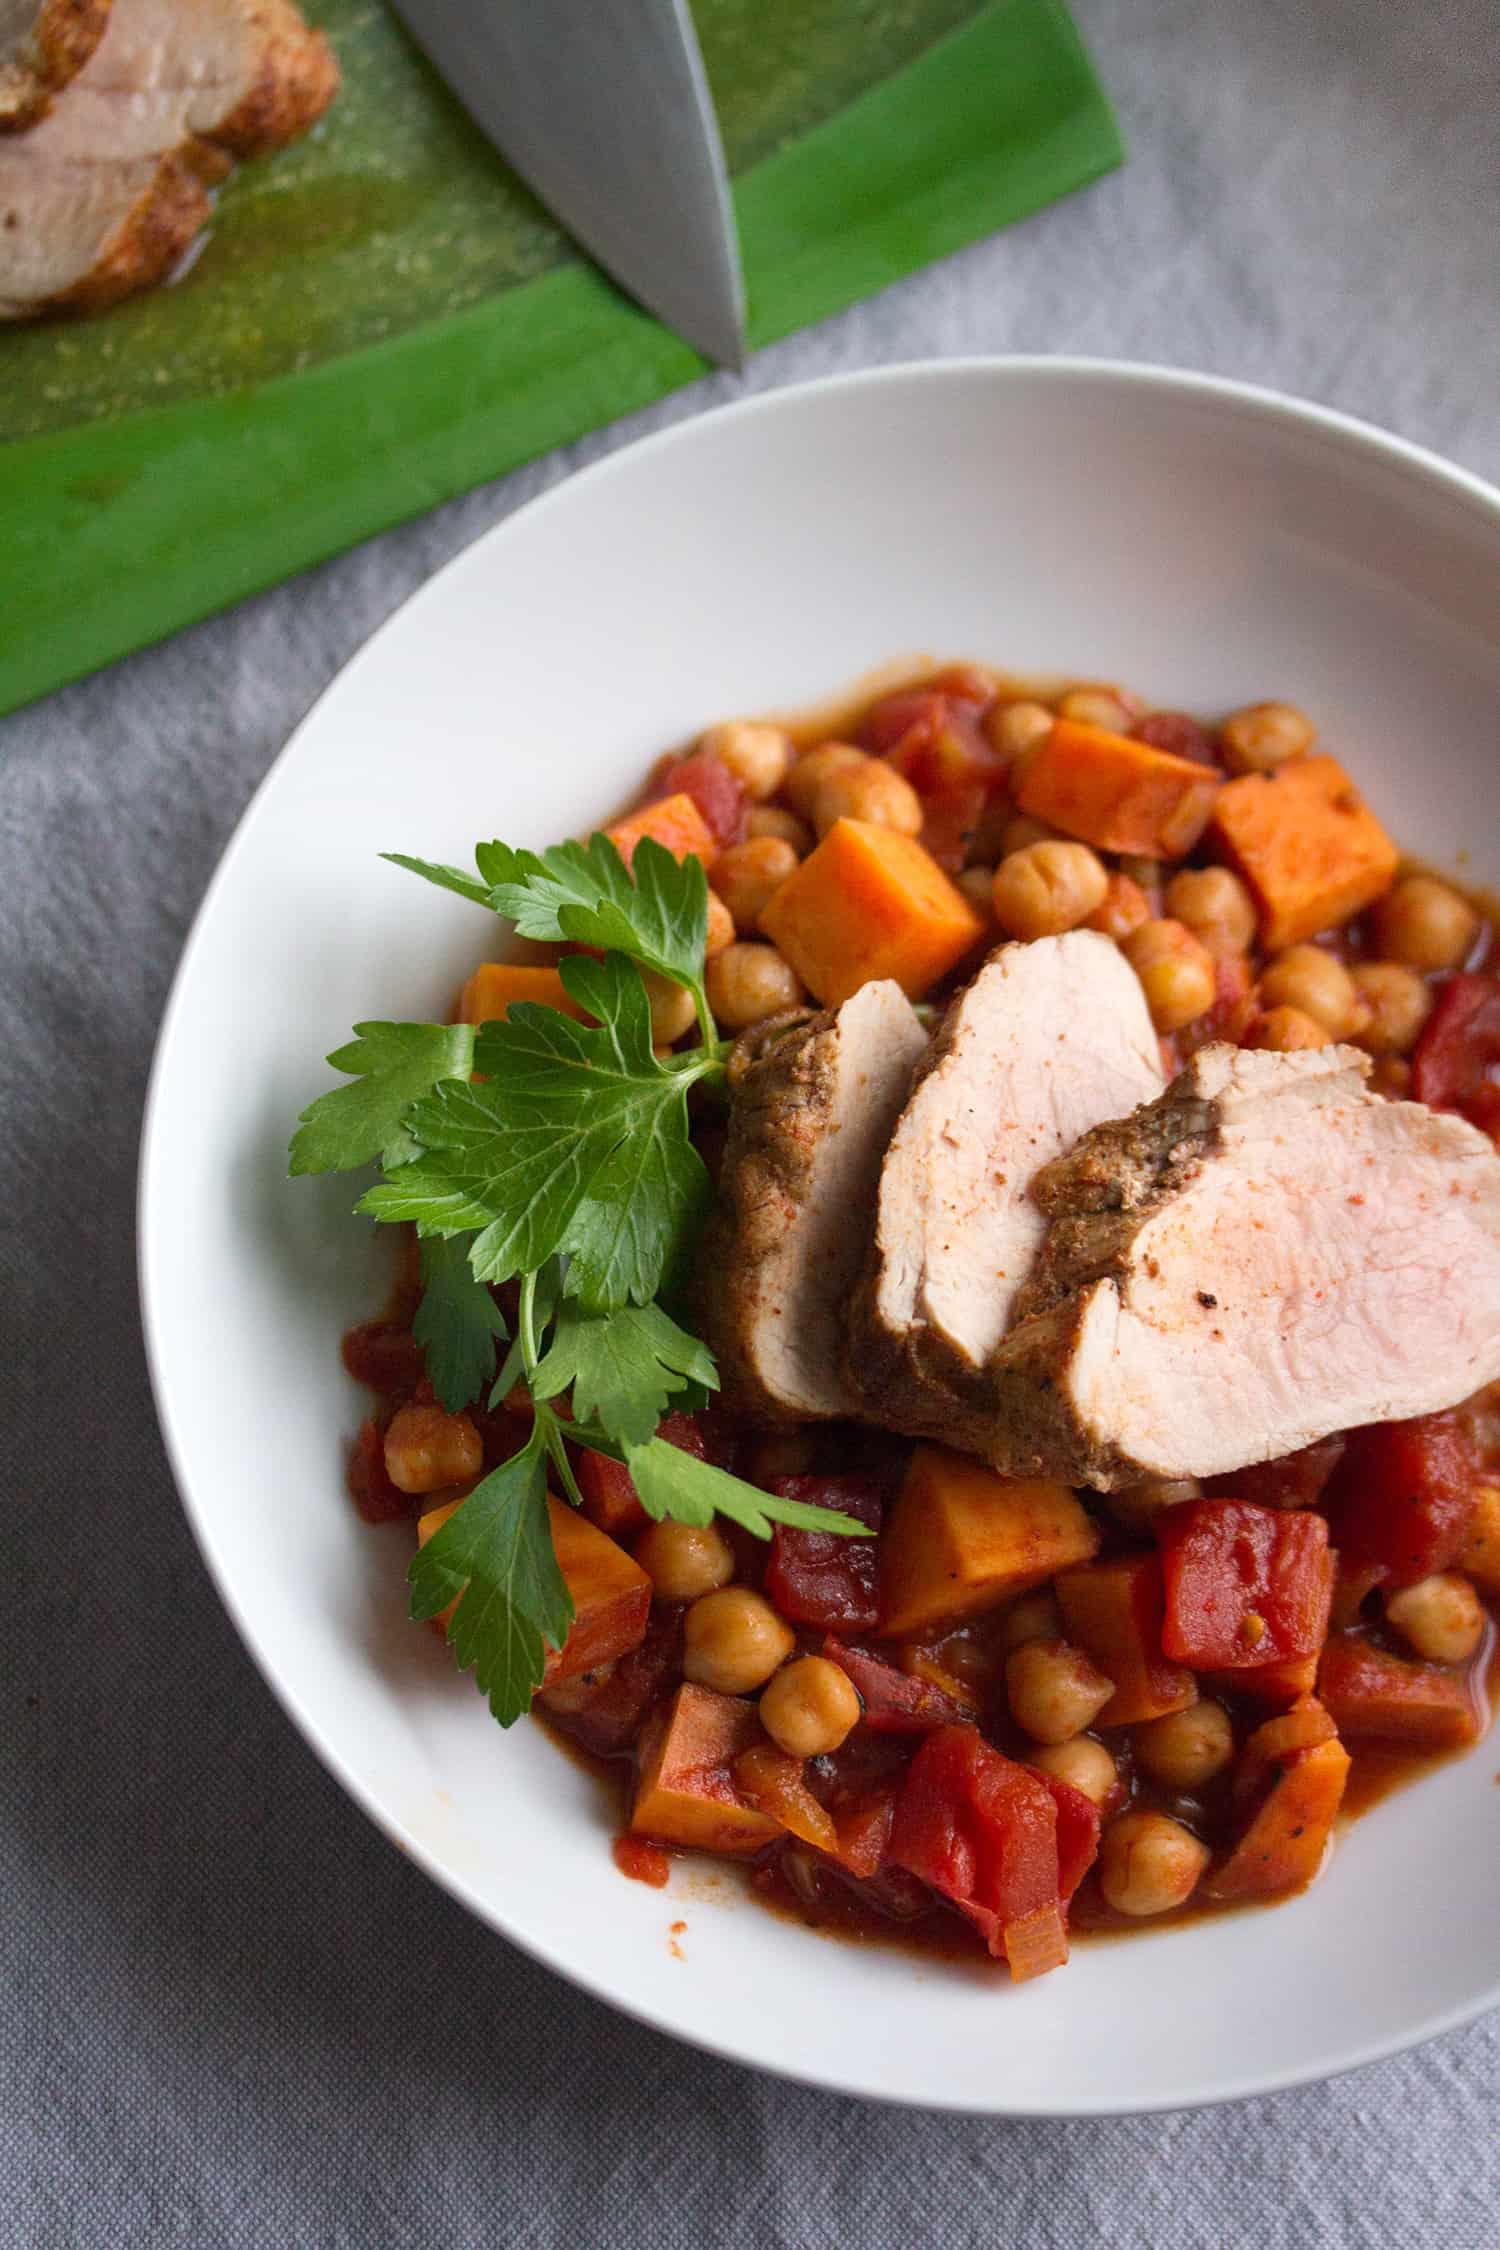 Pork Tenderloin with Spicy Chickpea Stew